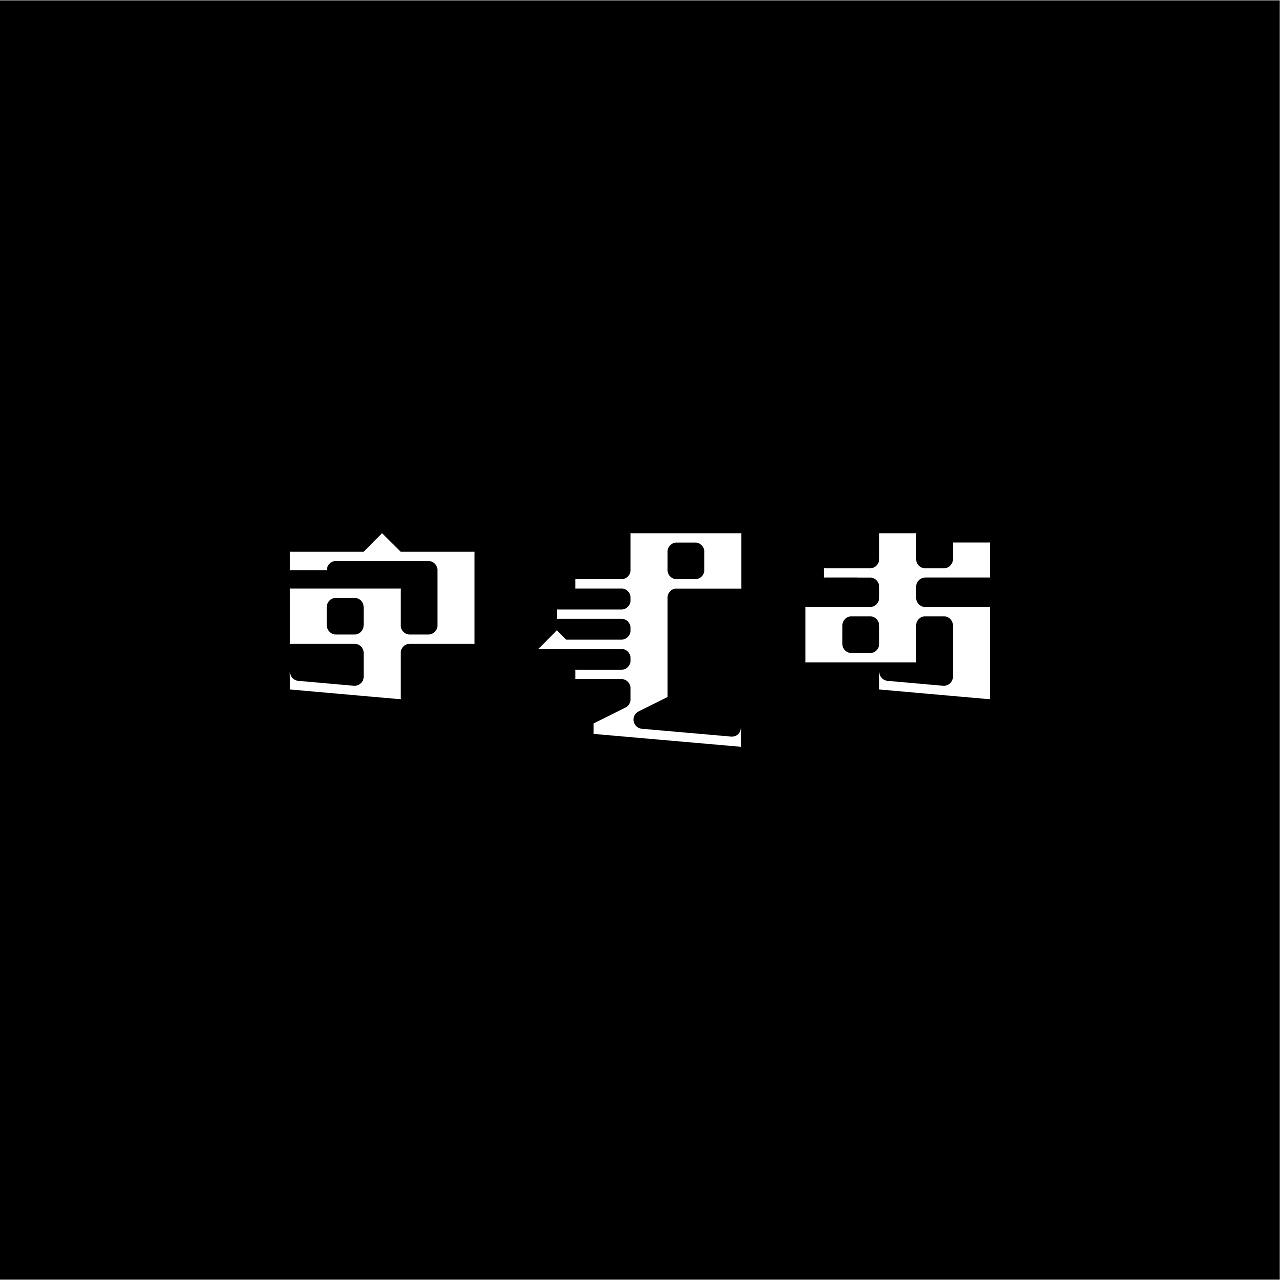 蒙古文字体设计—包立华 第11张 蒙古文字体设计—包立华 蒙古设计